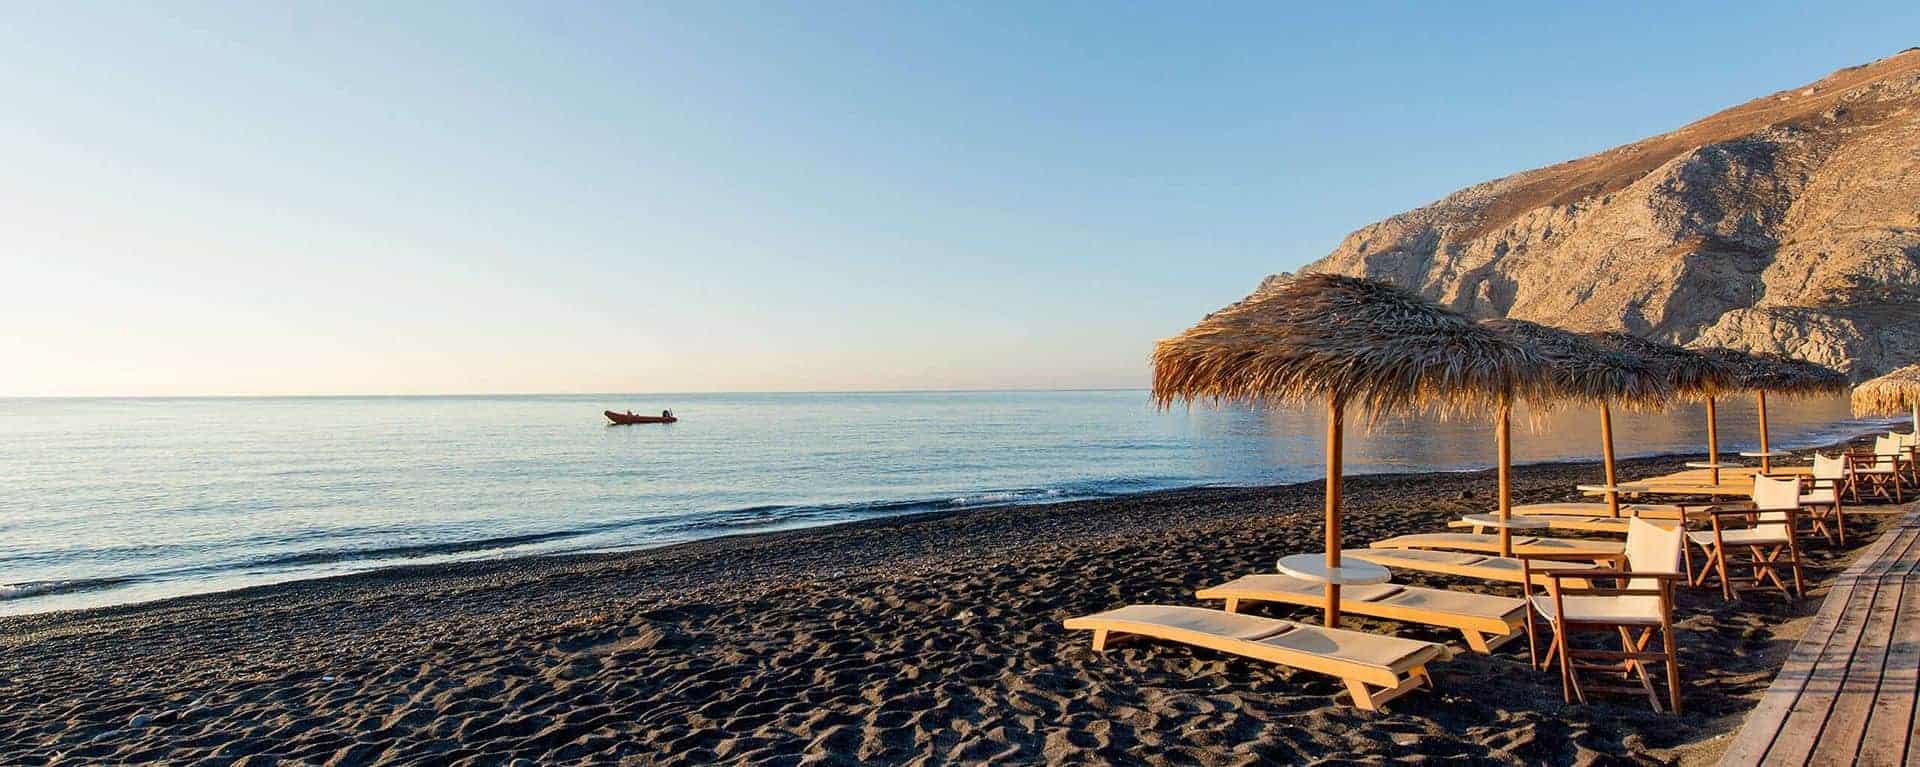 Just a breath away from Kamari beach